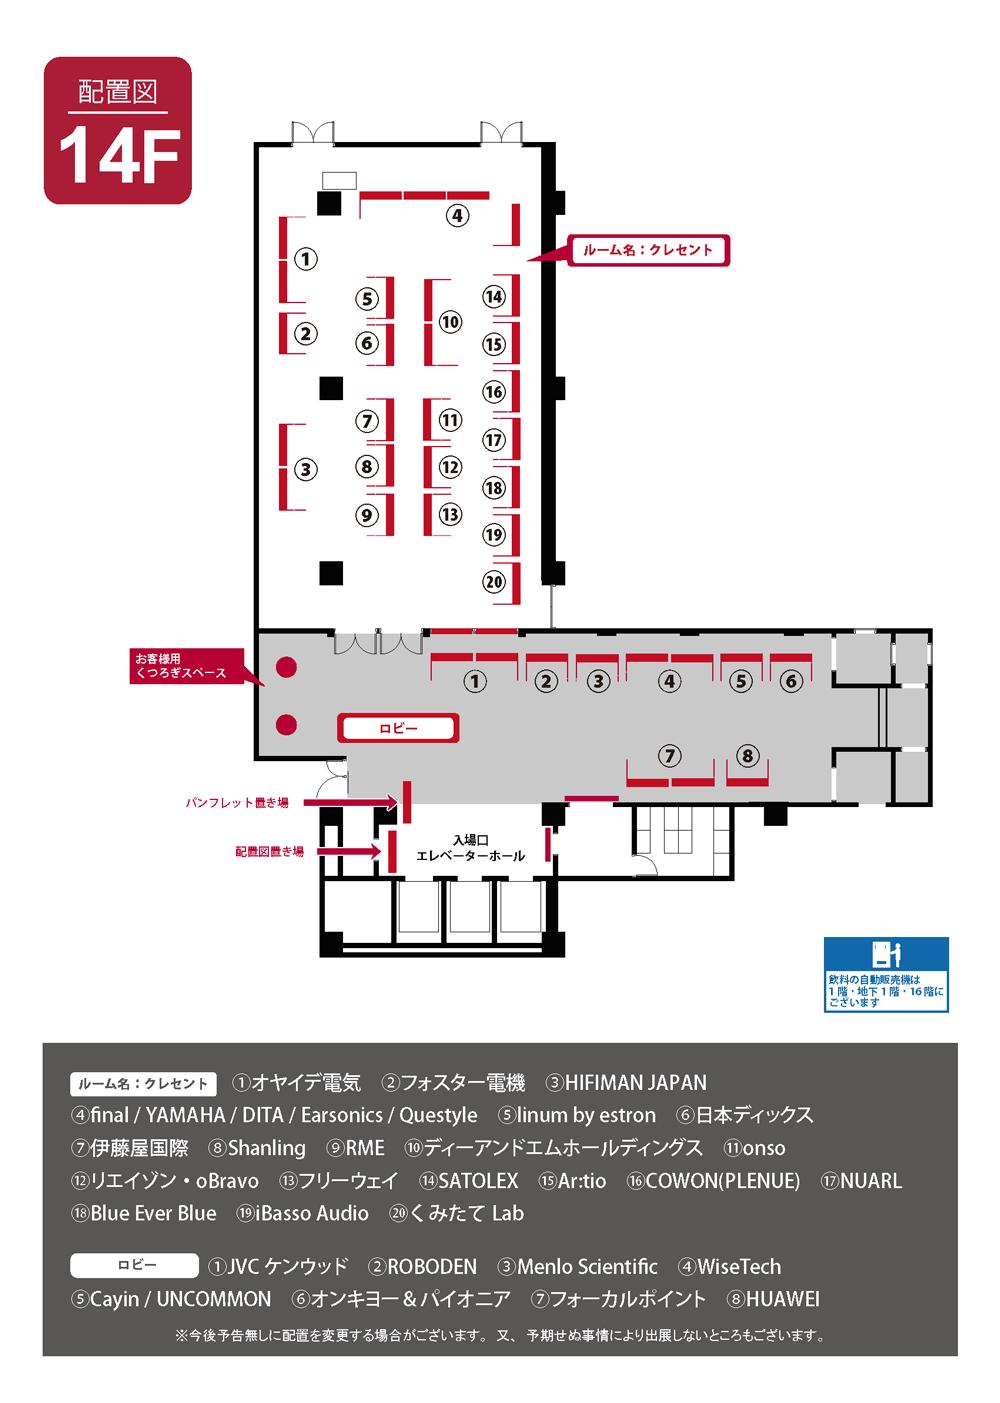 春のヘッドフォン祭 2019(TOKYO HEADPHONE FESTIVAL 2019 SPRING):14F